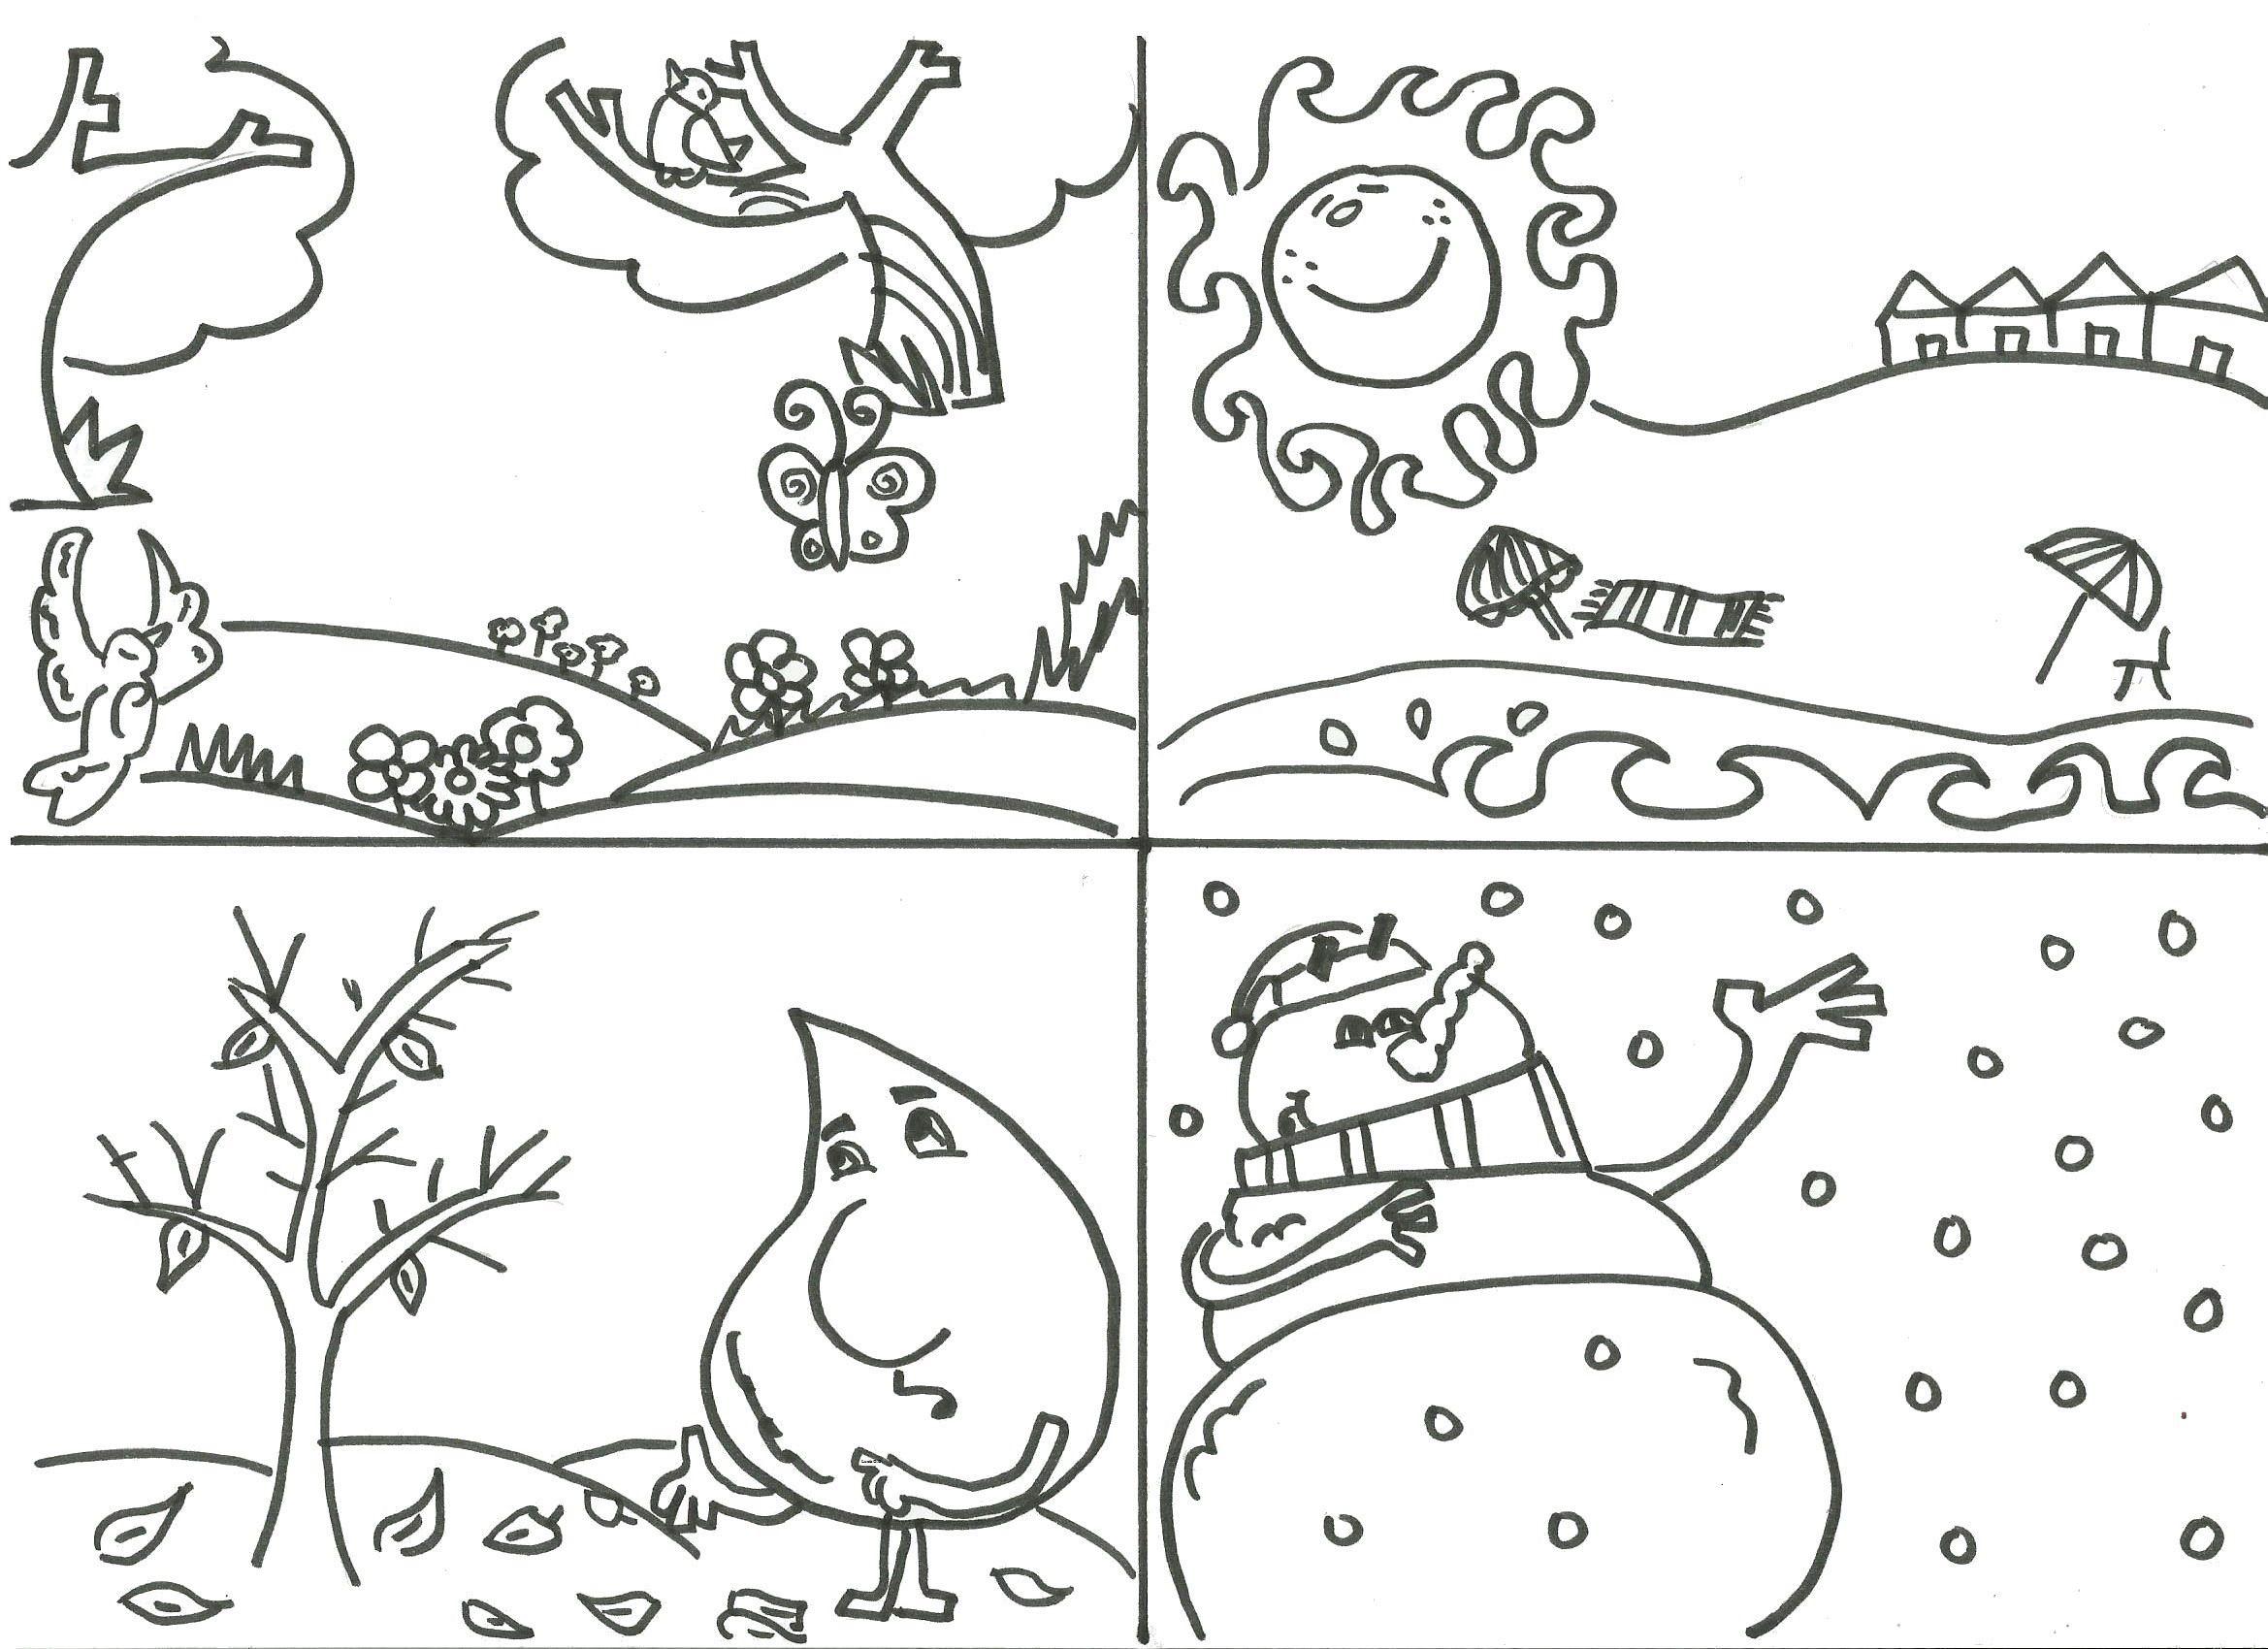 Dibujos Para Pintar De Las 4 Estaciones Del Ano Character Learning Spanish Cards